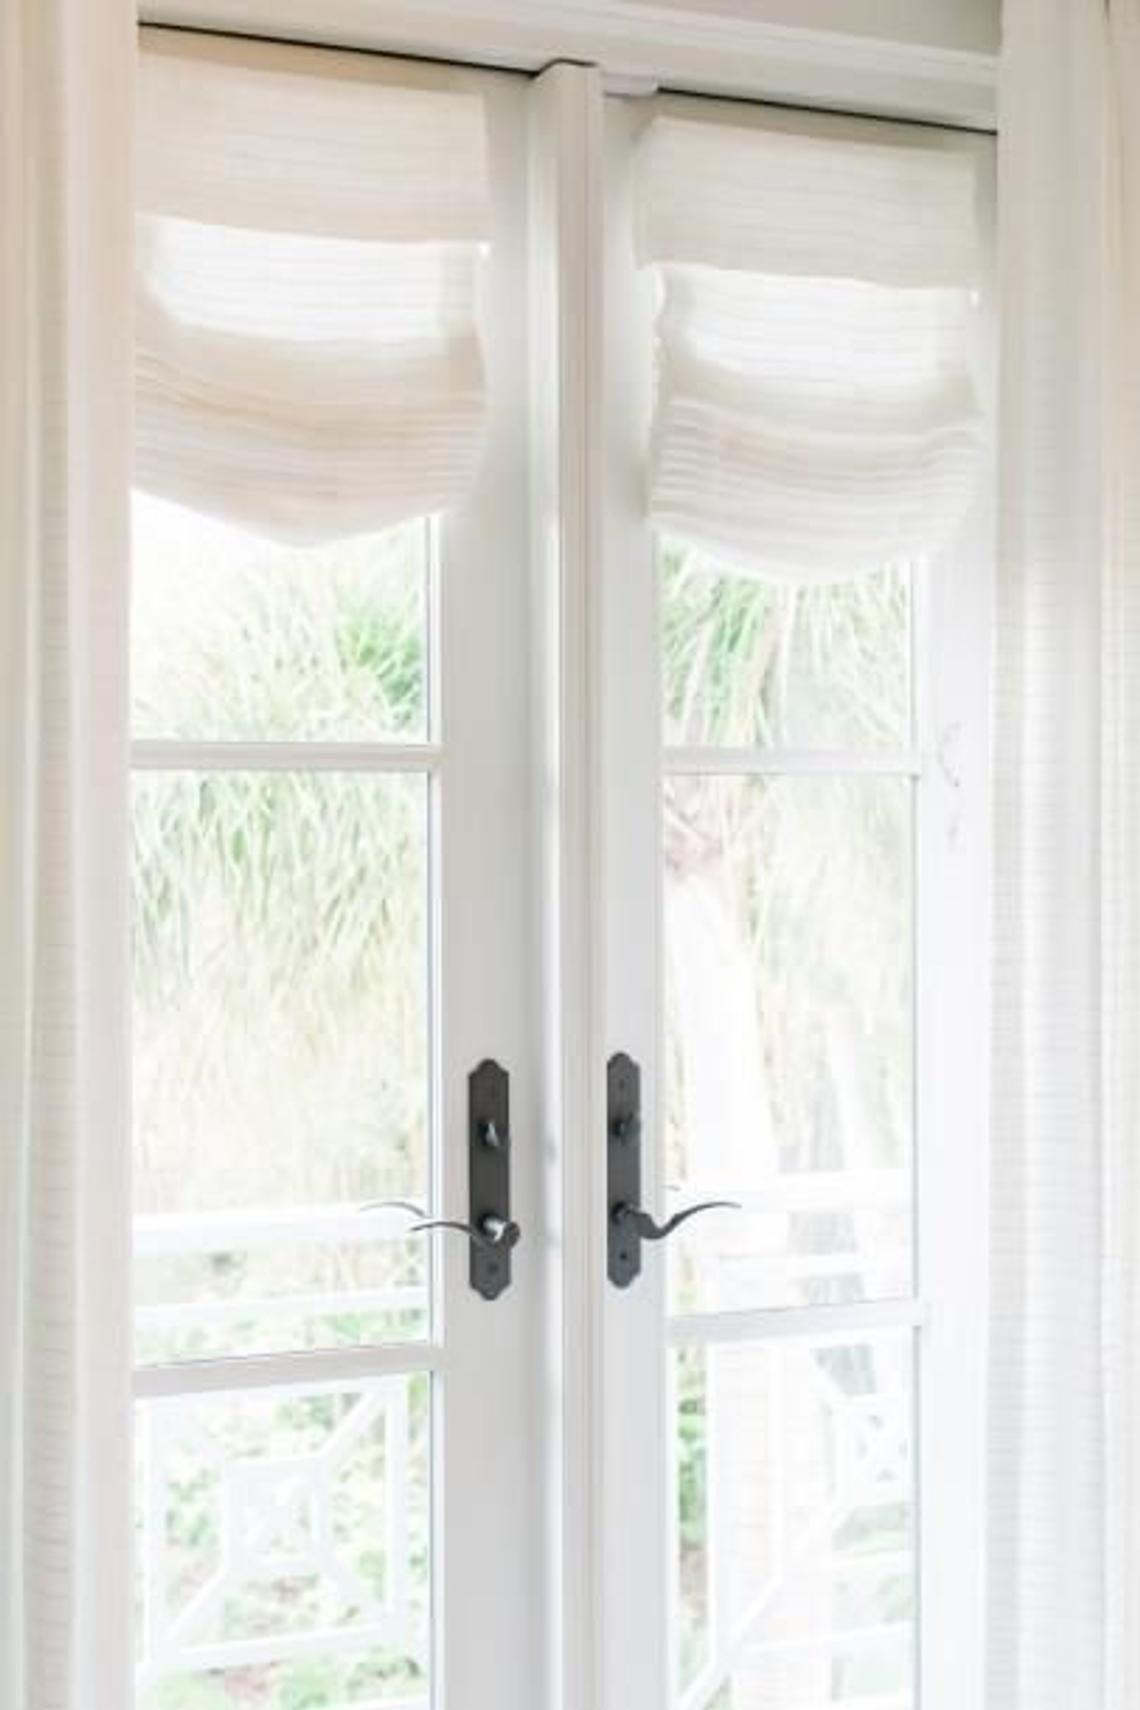 Image 0 French Doors Bedroom French Door Window Treatments French Doors Interior